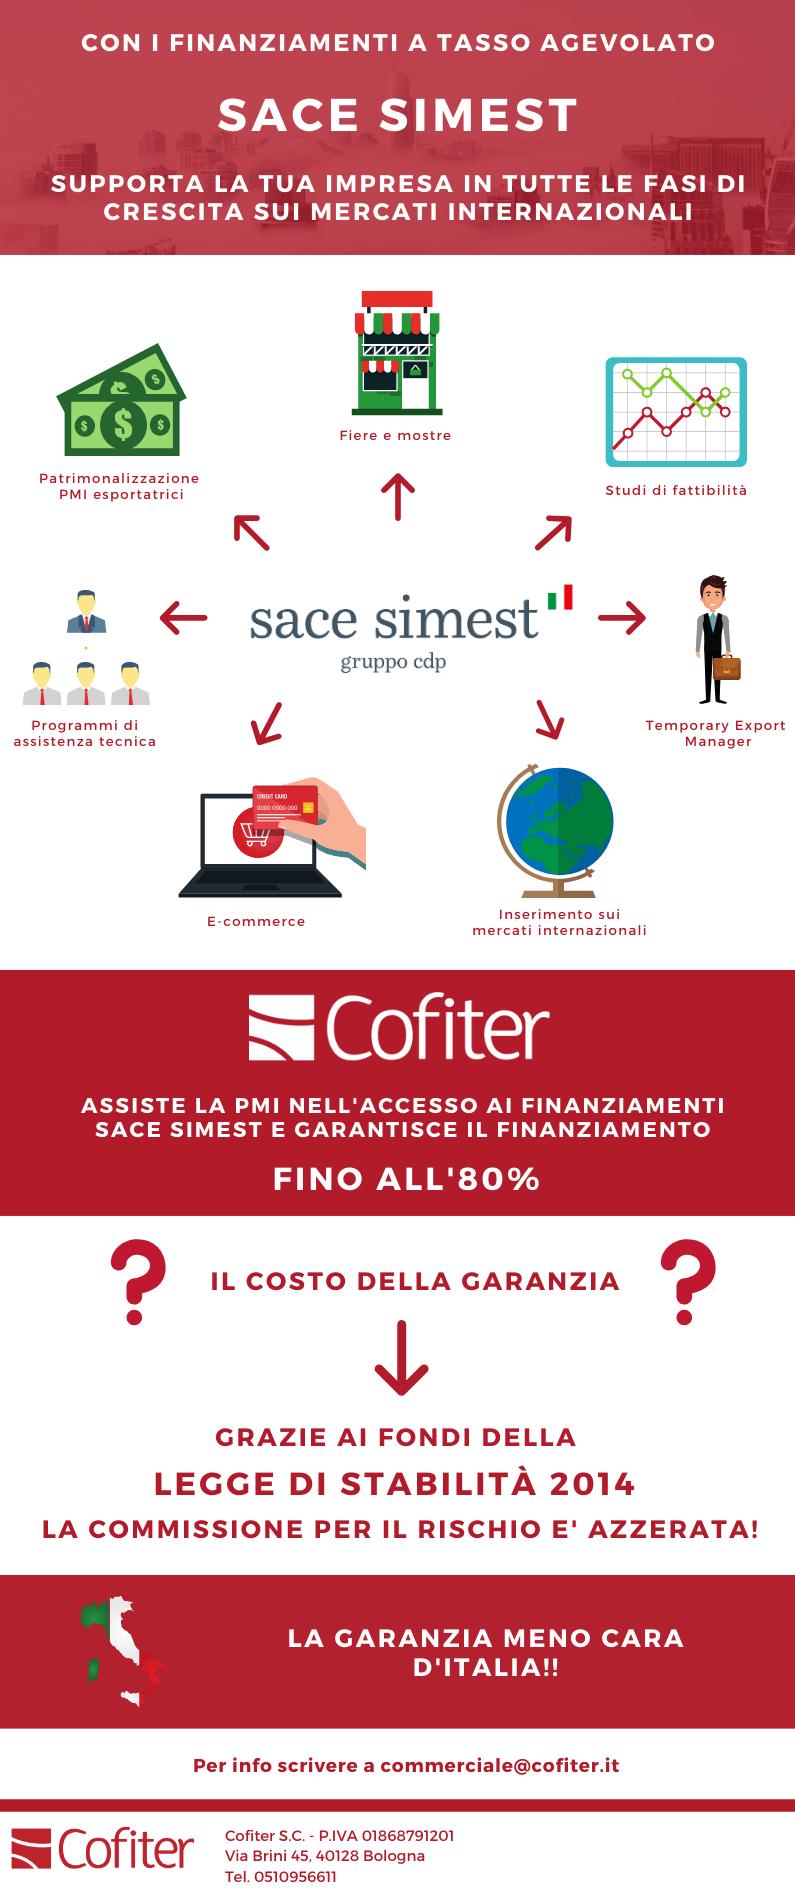 Cofiter affianca SACE SIMEST nel supporto all'internazionalizzazione delle imprese